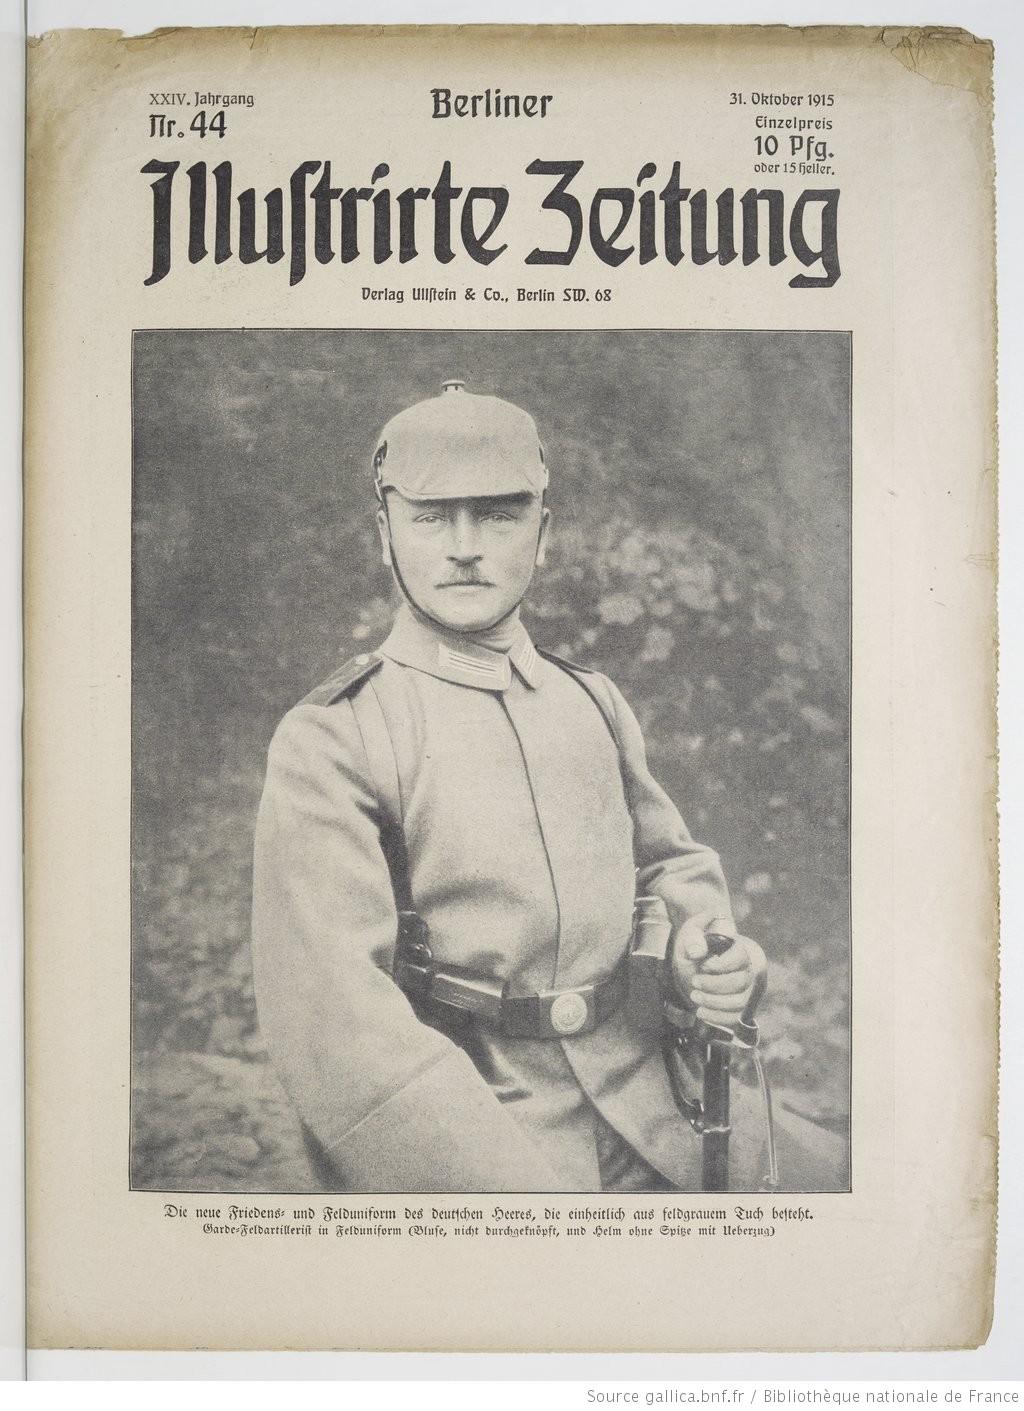 Front page of Berliner illustrierte Zeitung